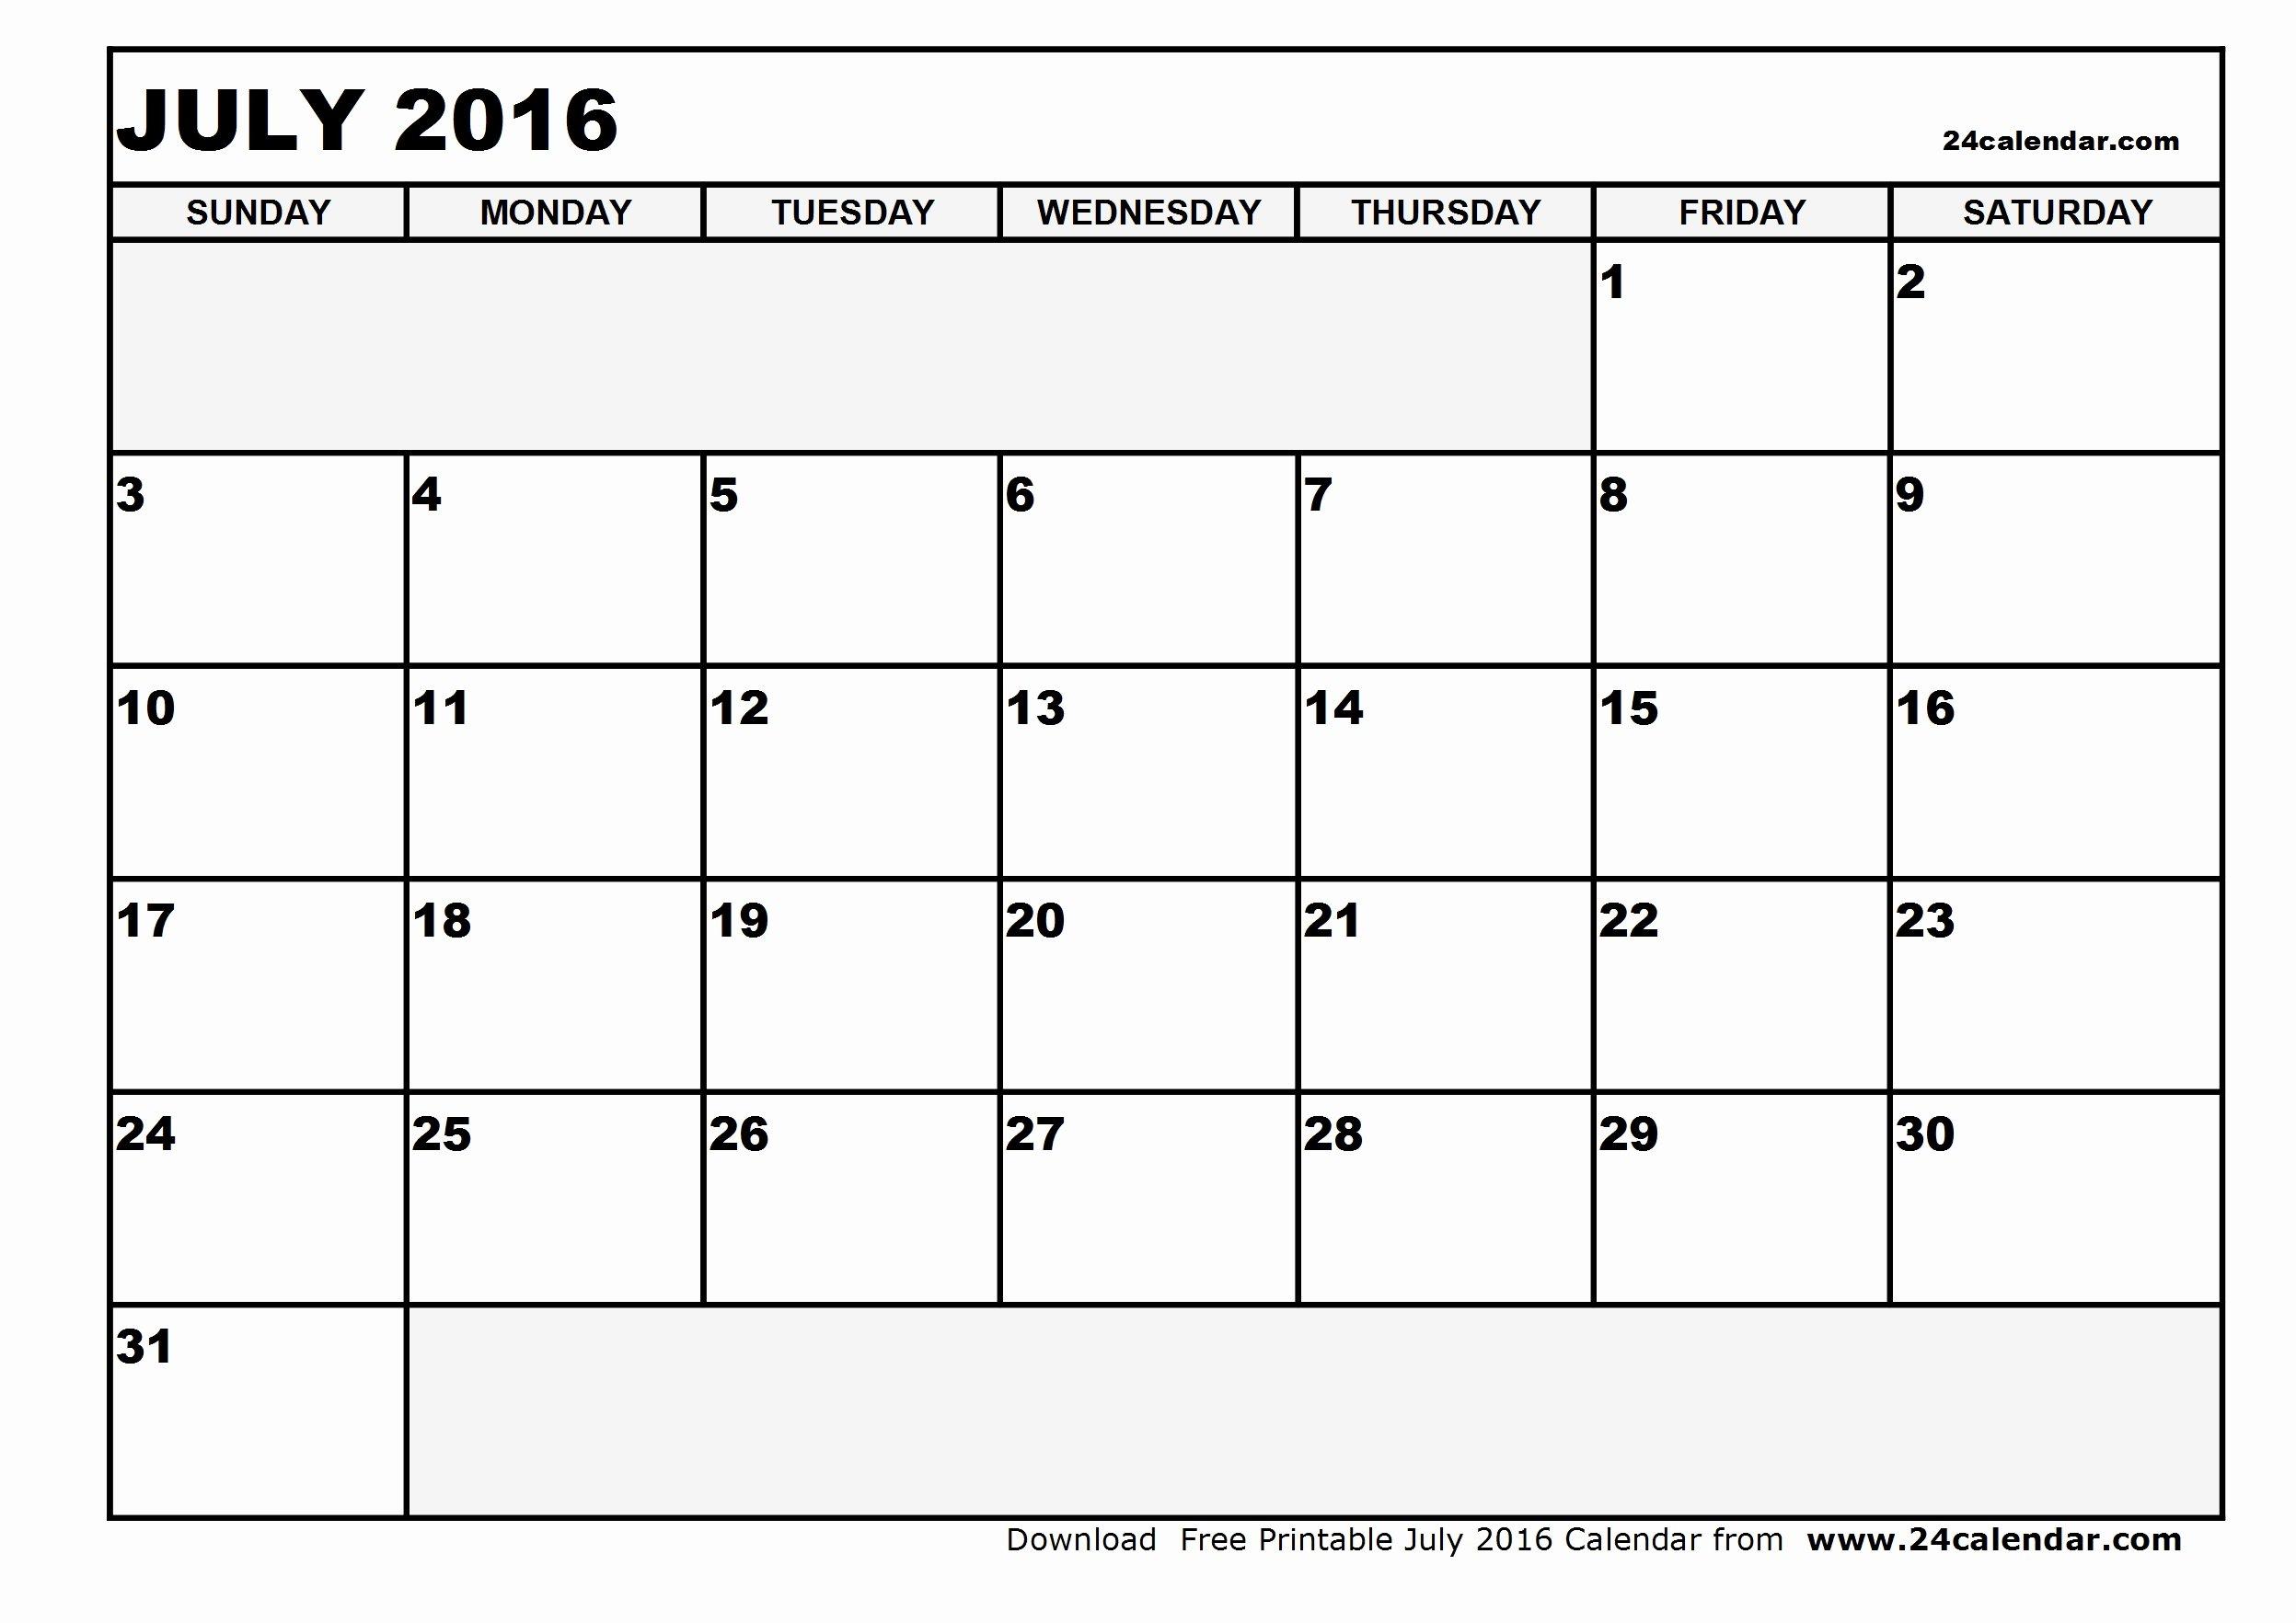 Blank July 2016 Calendar In Printable format